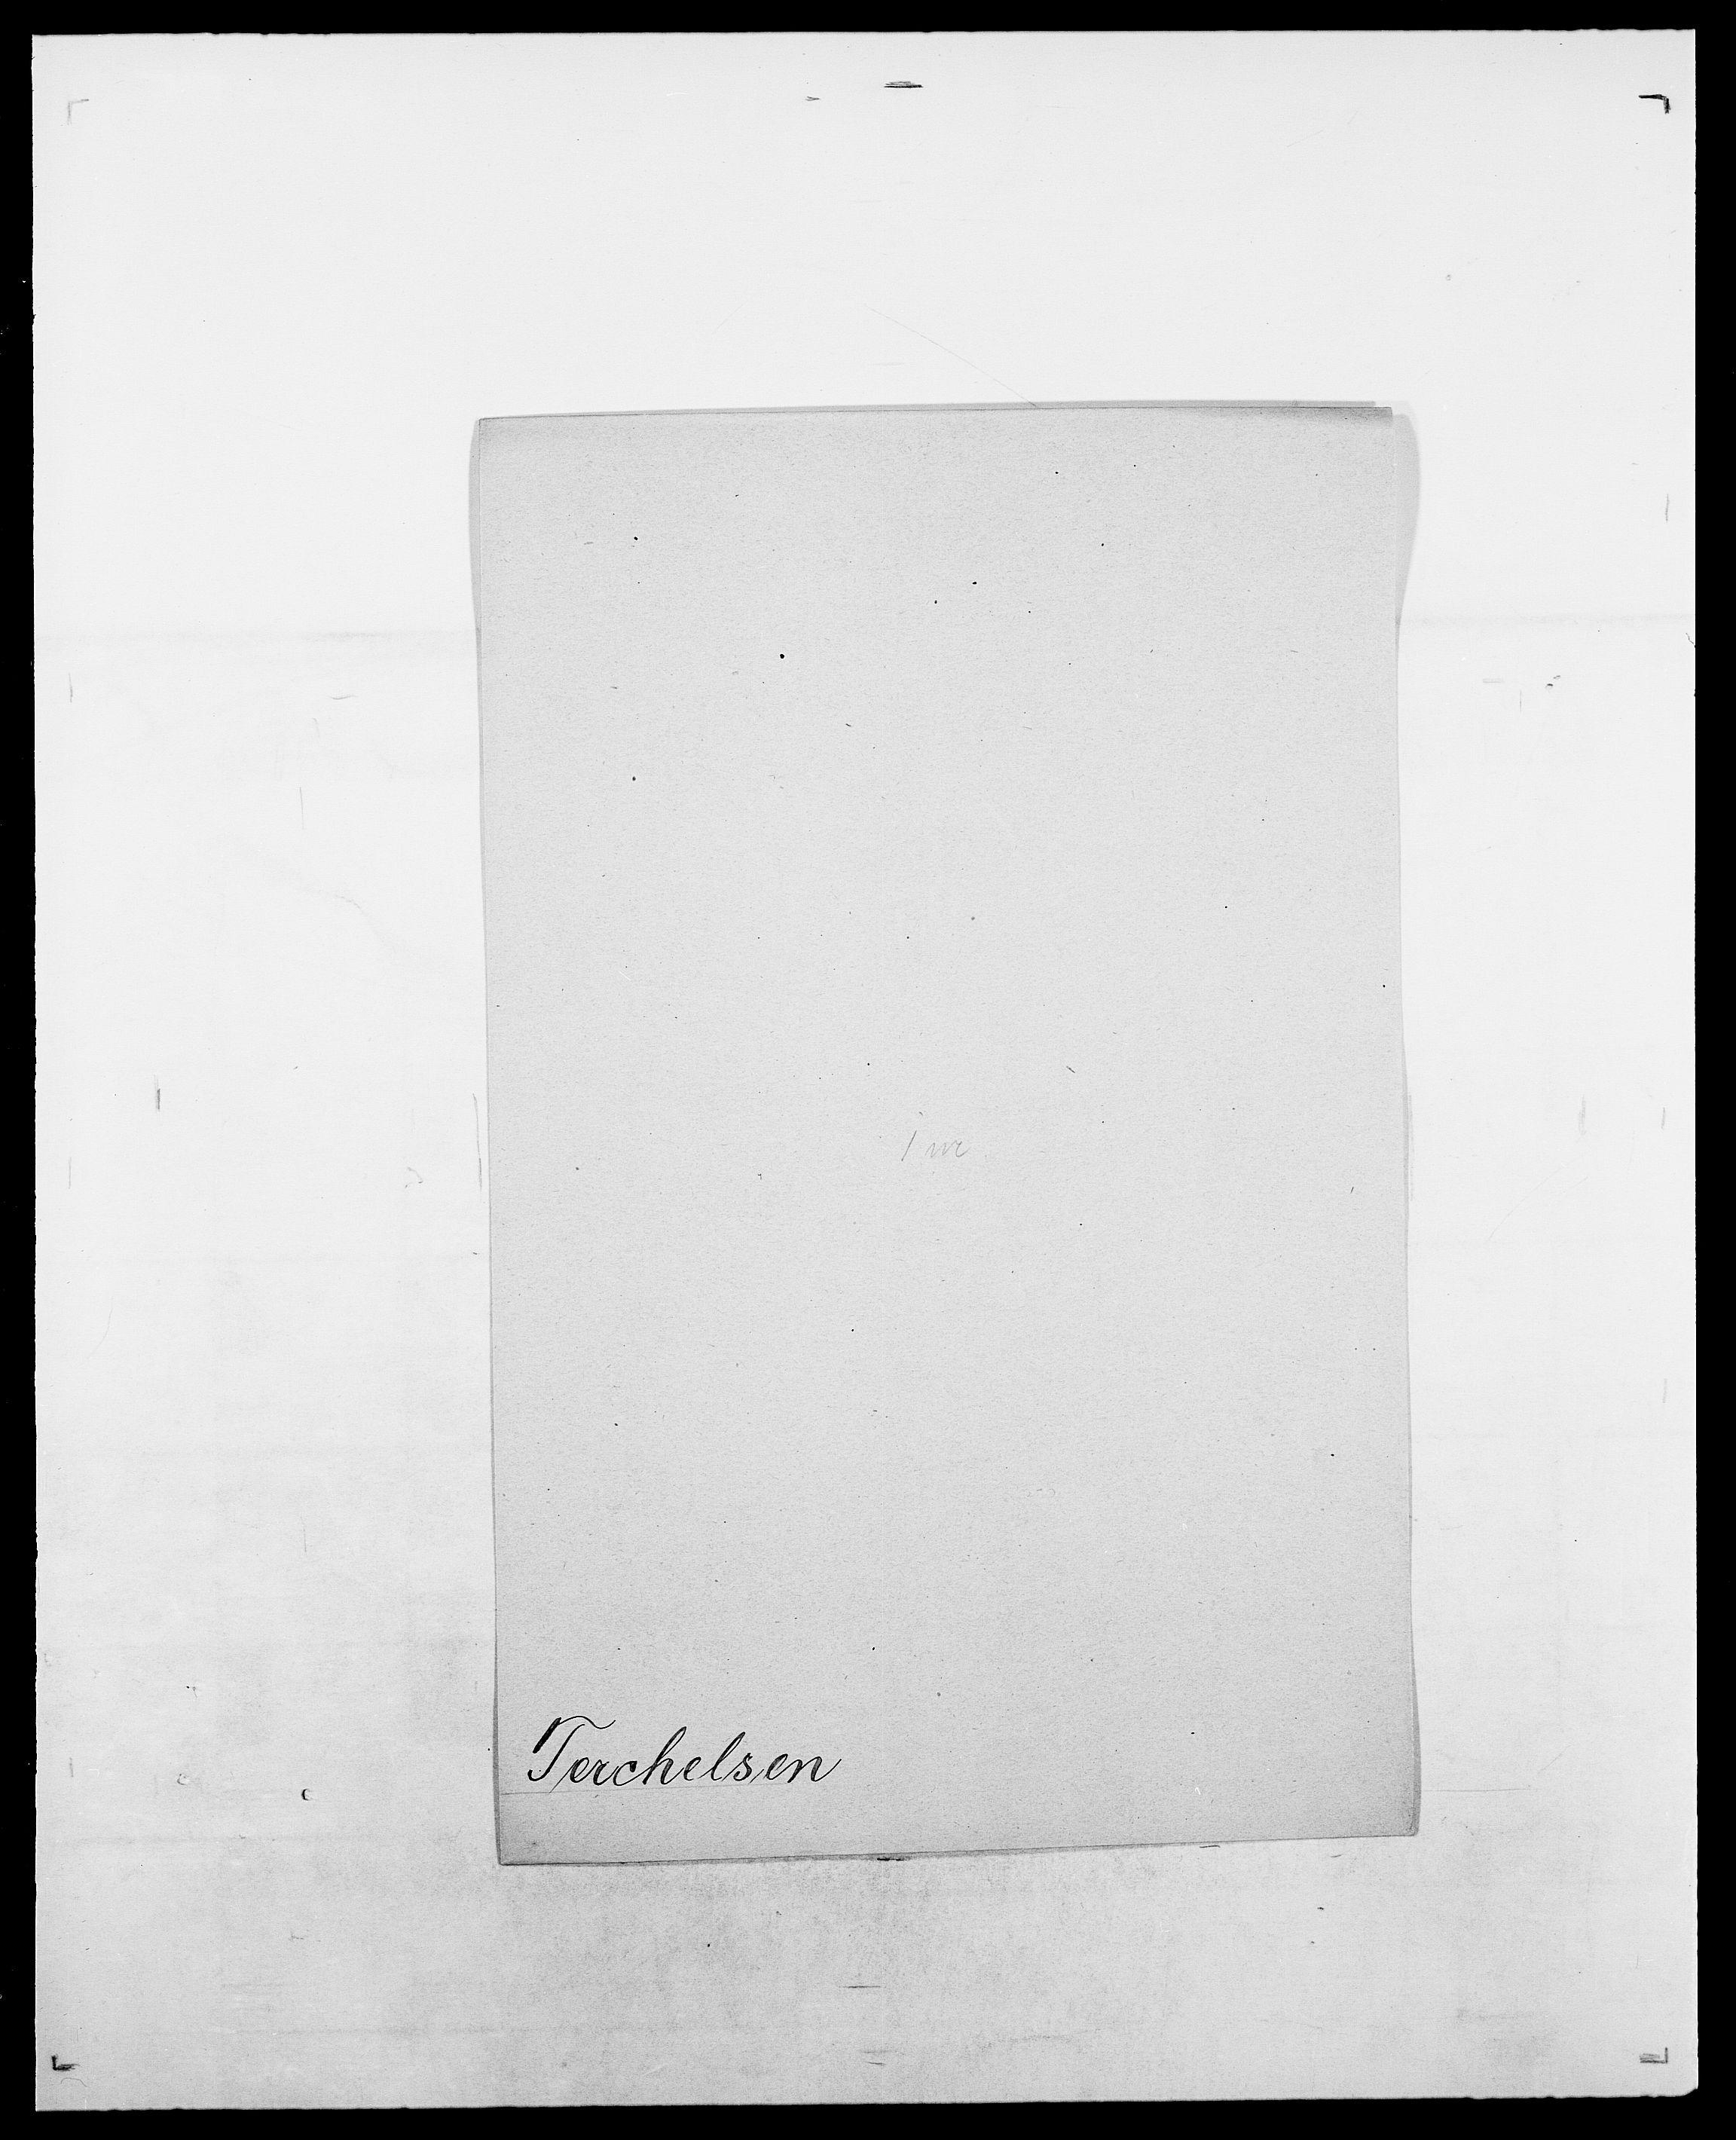 SAO, Delgobe, Charles Antoine - samling, D/Da/L0038: Svanenskjold - Thornsohn, s. 403